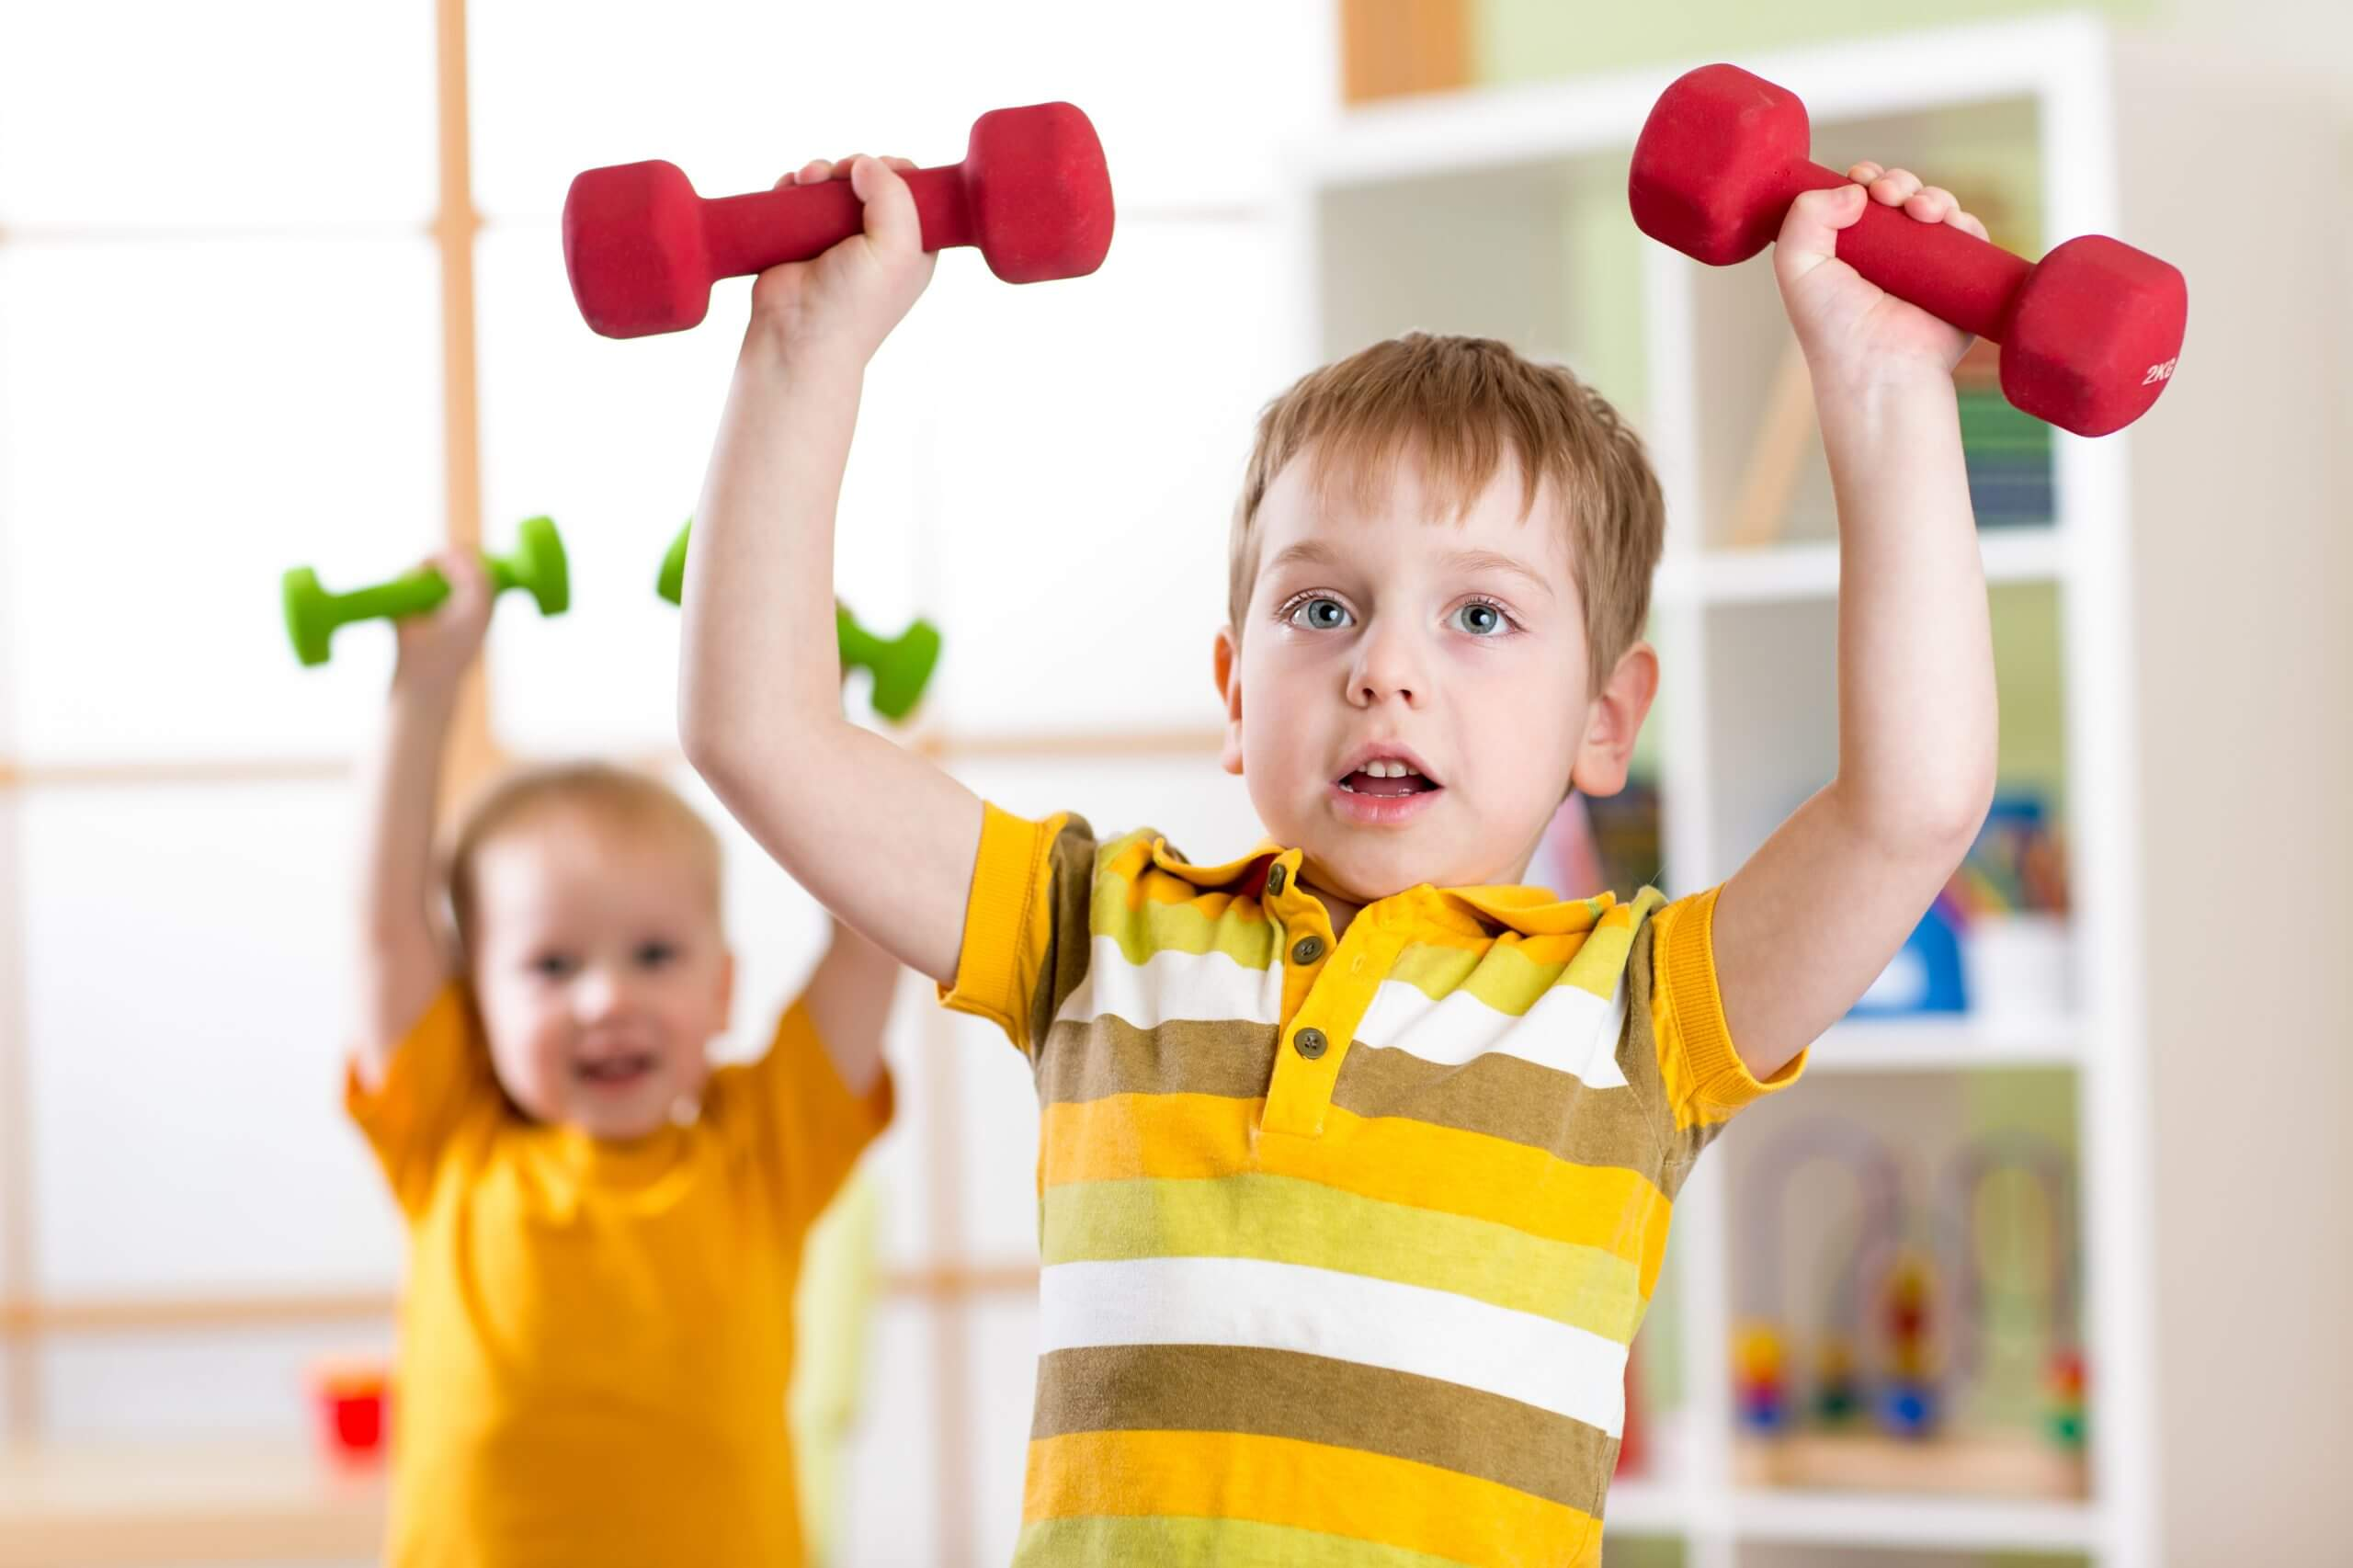 Los 10 hábitos saludables más importantes para enseñar a sus hijos